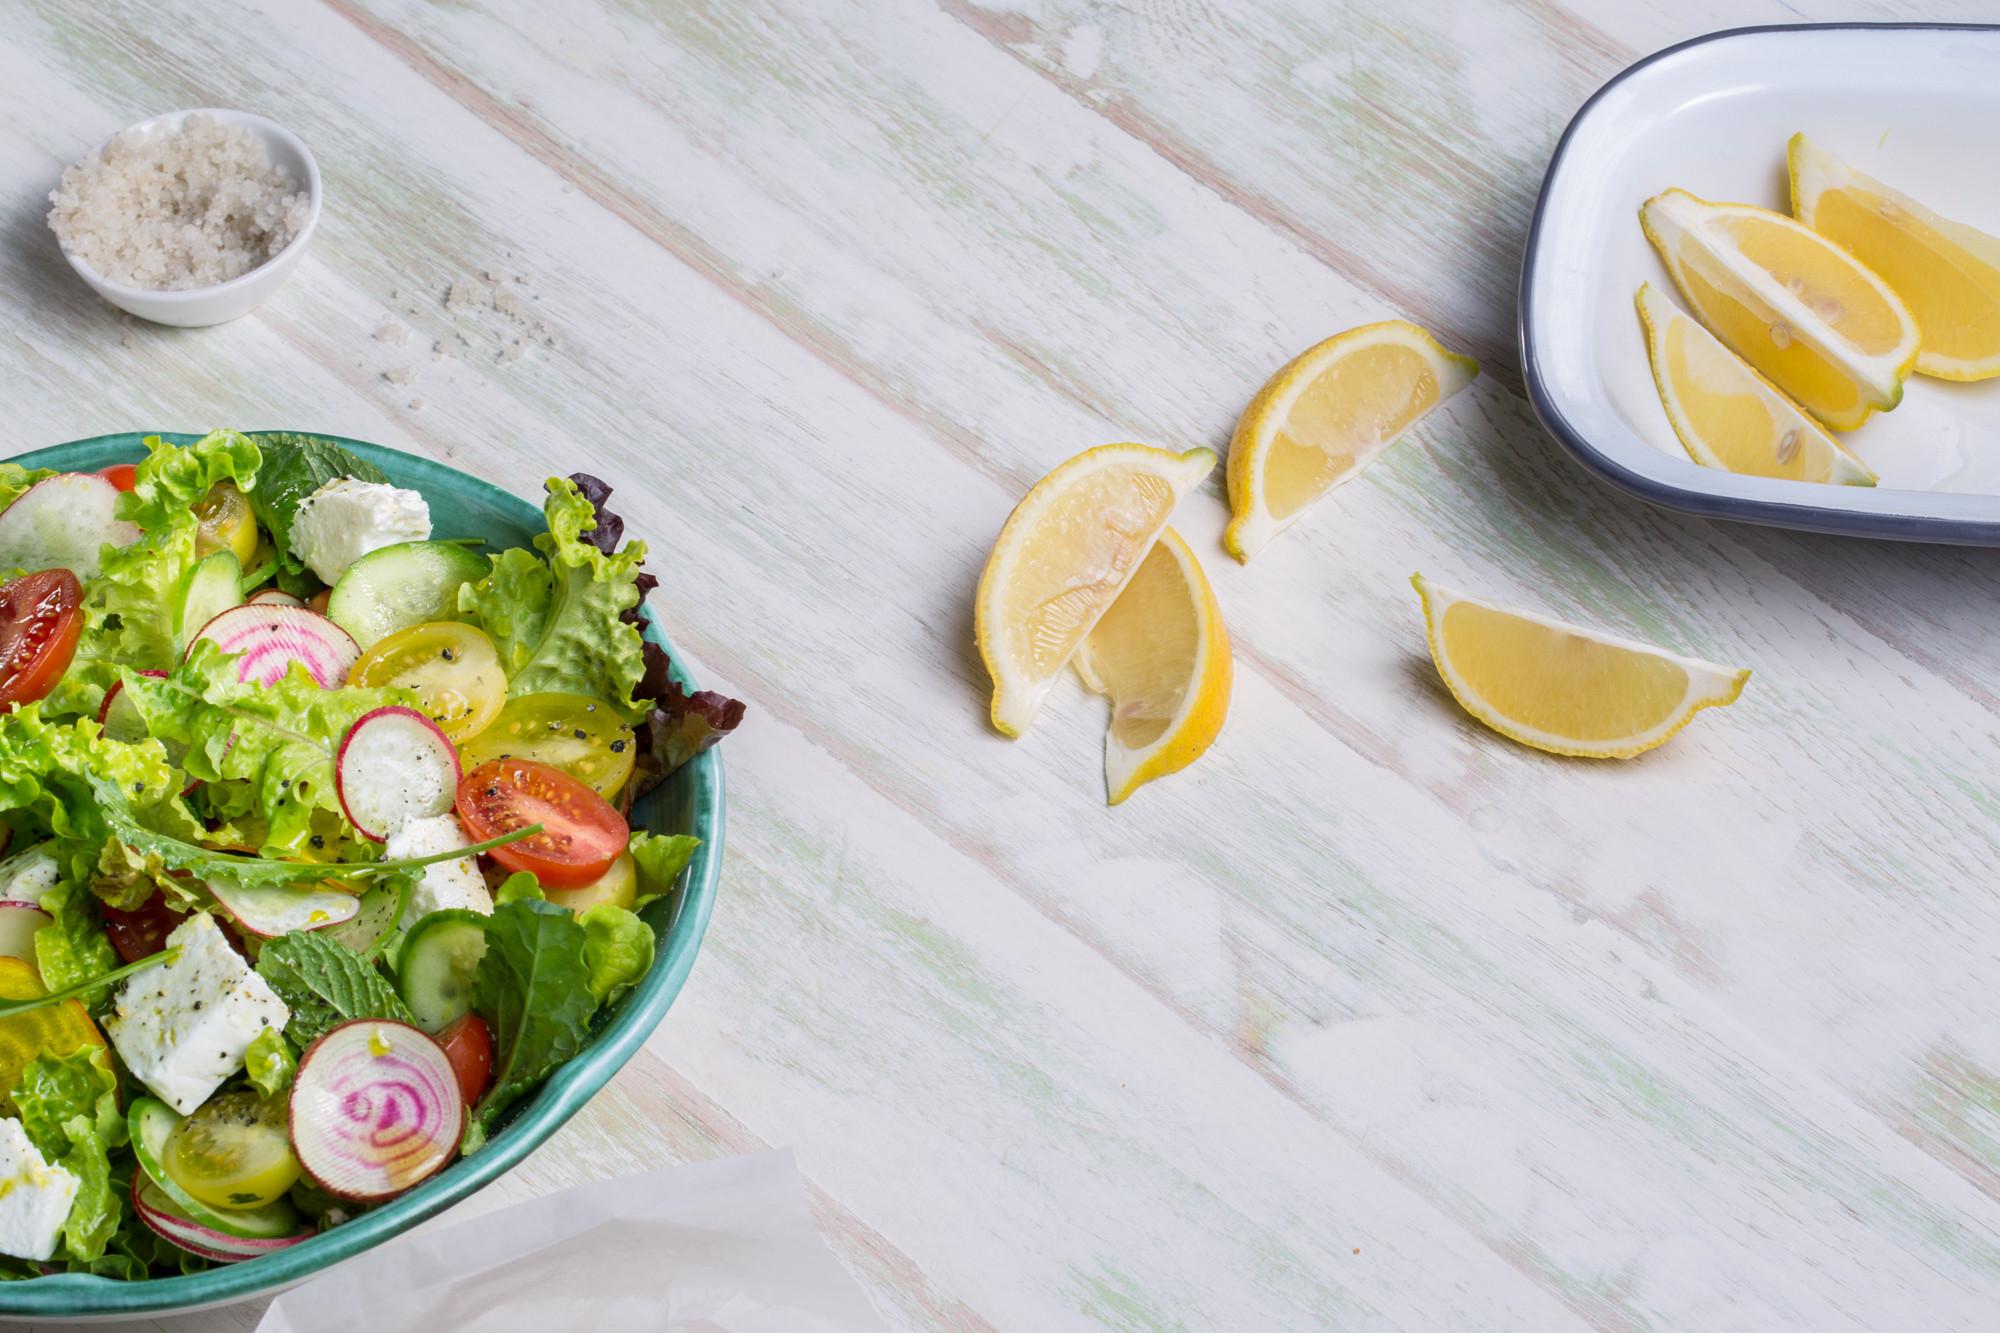 Digestive/Gut Health Follow-up